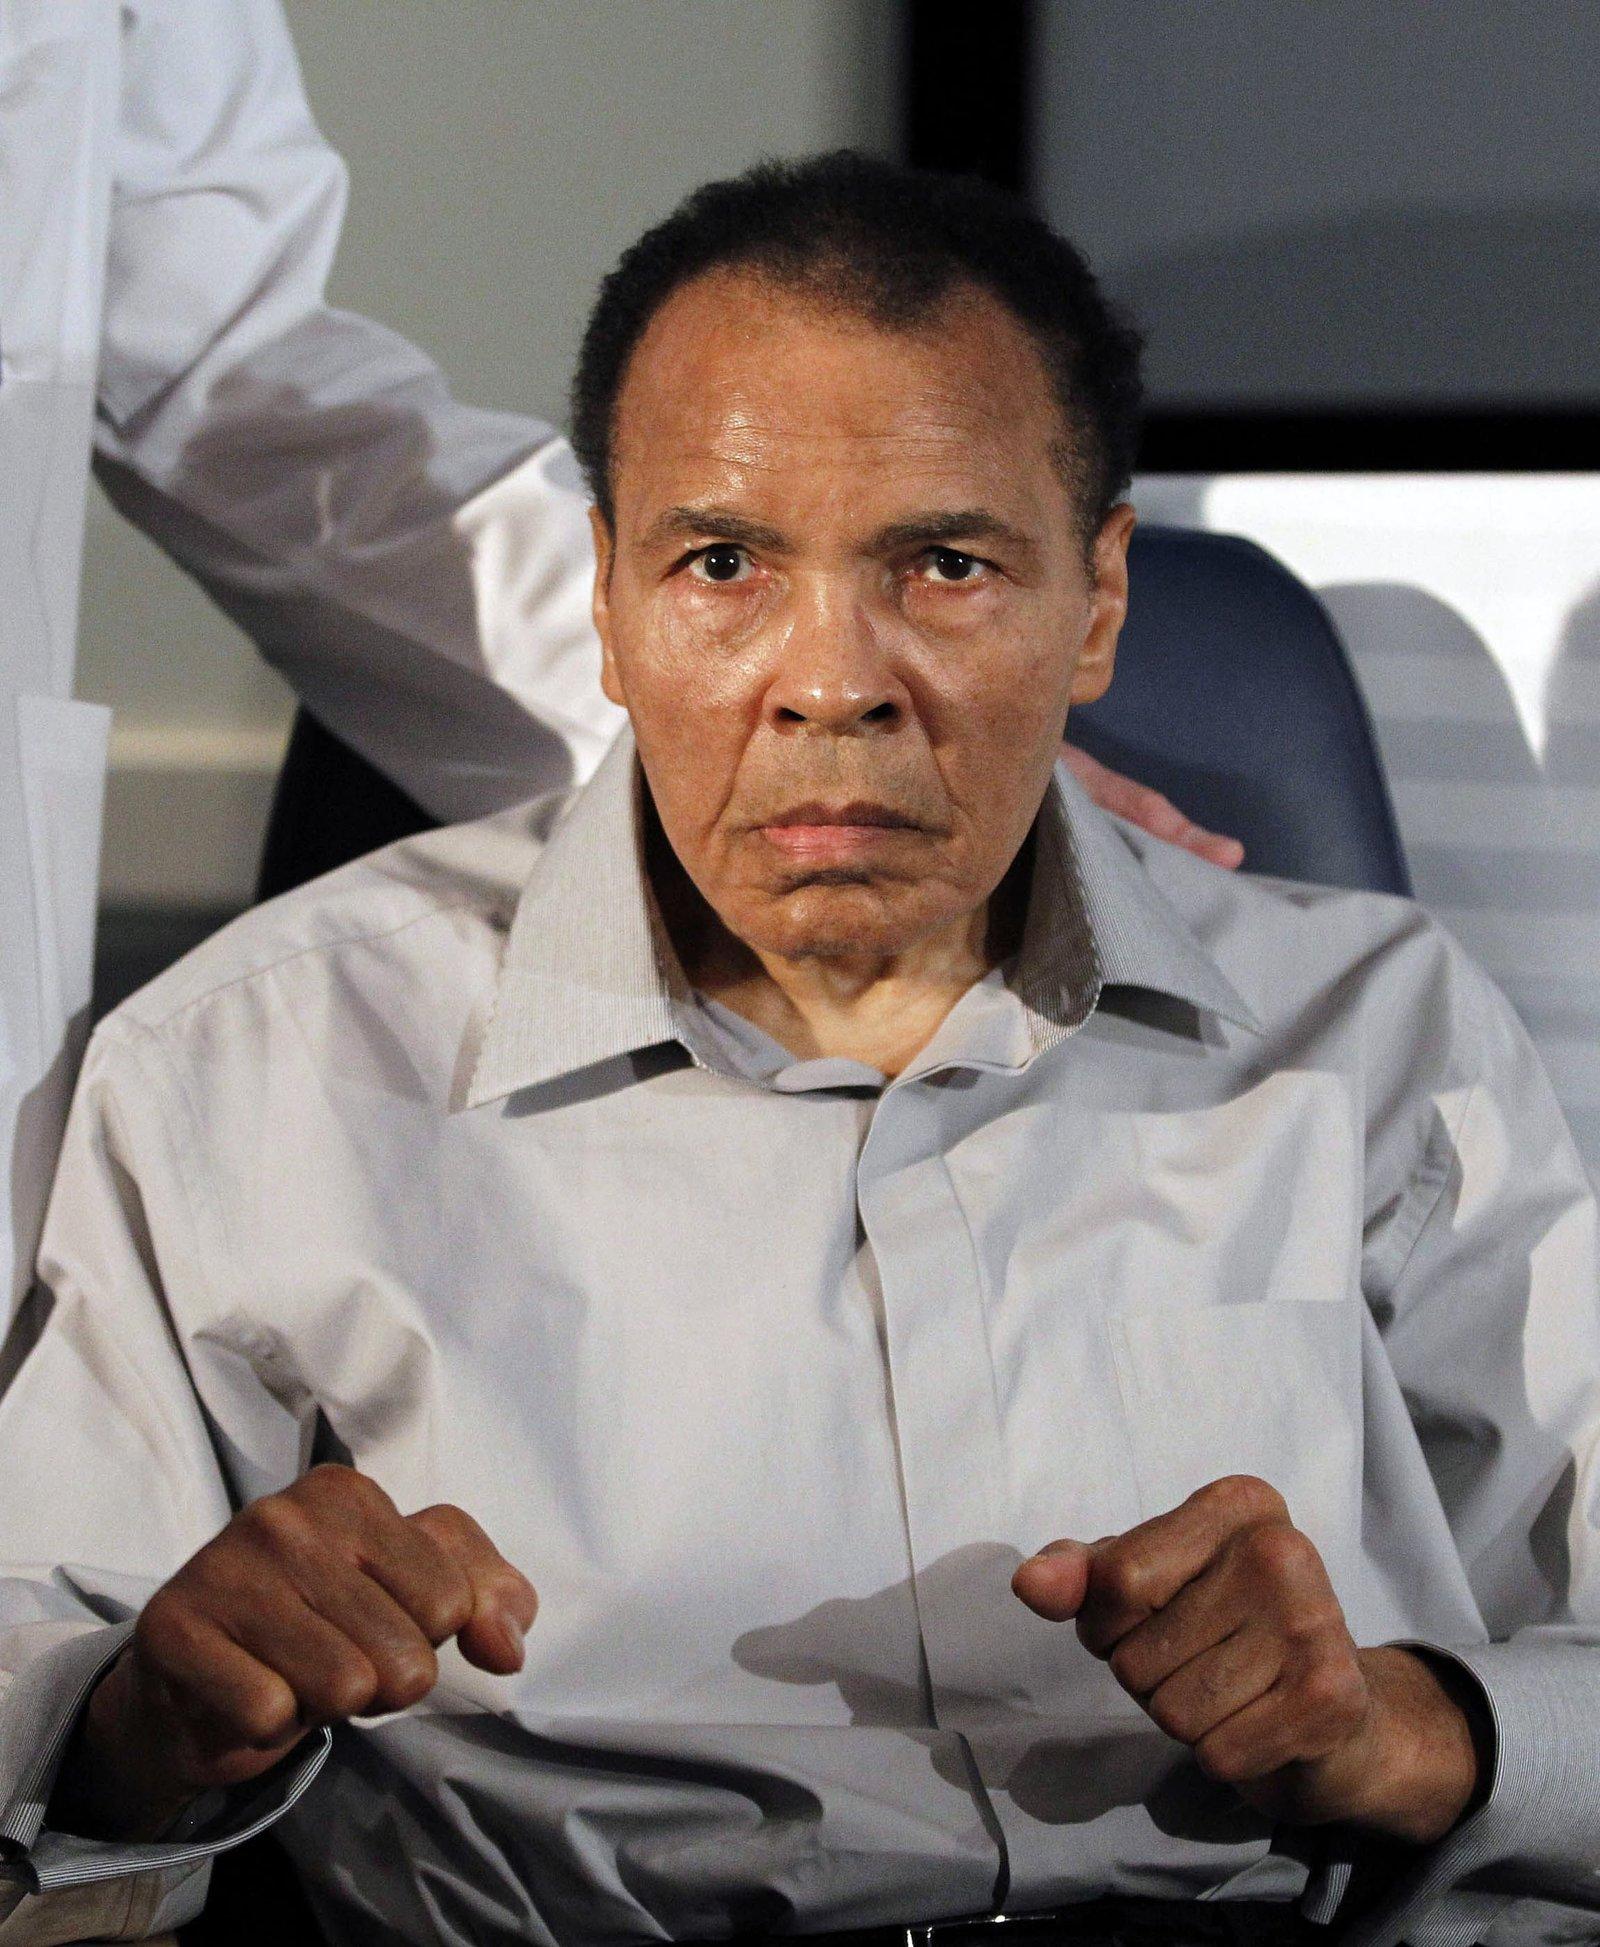 Lenda do boxe, Muhammad Ali morre aos 74 anos